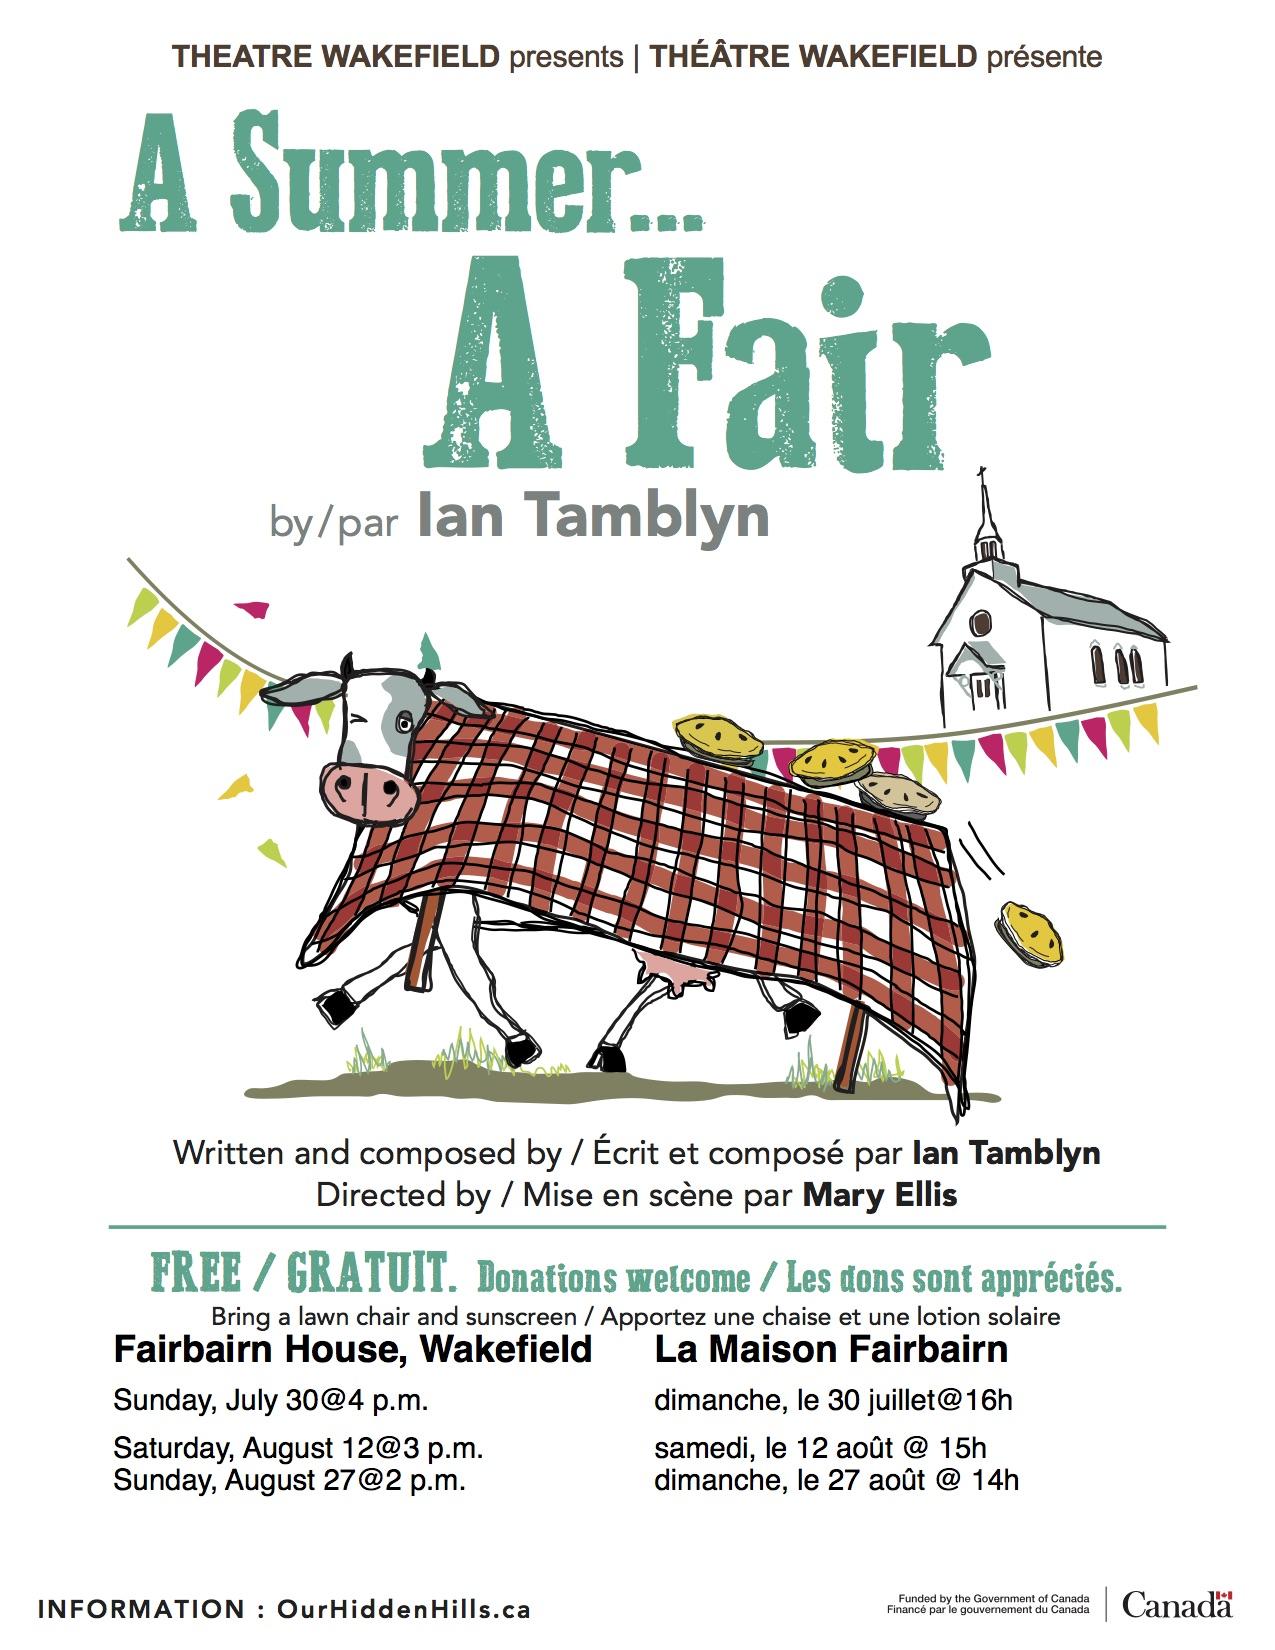 A Summer...A Fair - Sunday July 30, 2017 at 4 pmSaturday August 12, 2017 at 3 pmSunday August 27, 2017 at 2 pm